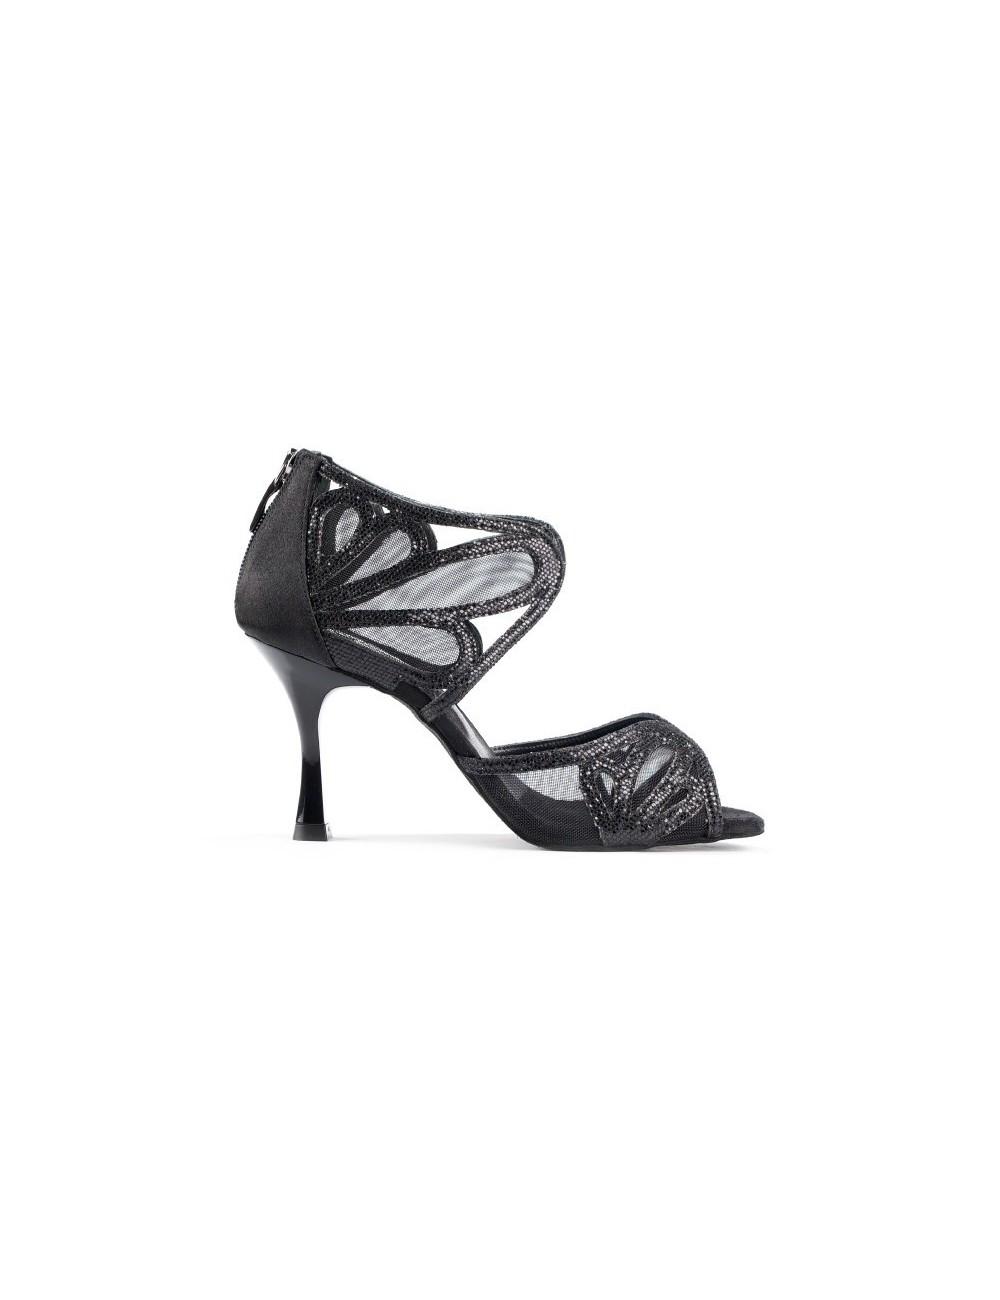 1941ba5b Zapatos de baile latino originales. Encuentra tus zapatos para bailar mujer  en Carol Martinez tu tienda de zapatos salsa malaga. Marcas Rummos y  Portdance ...